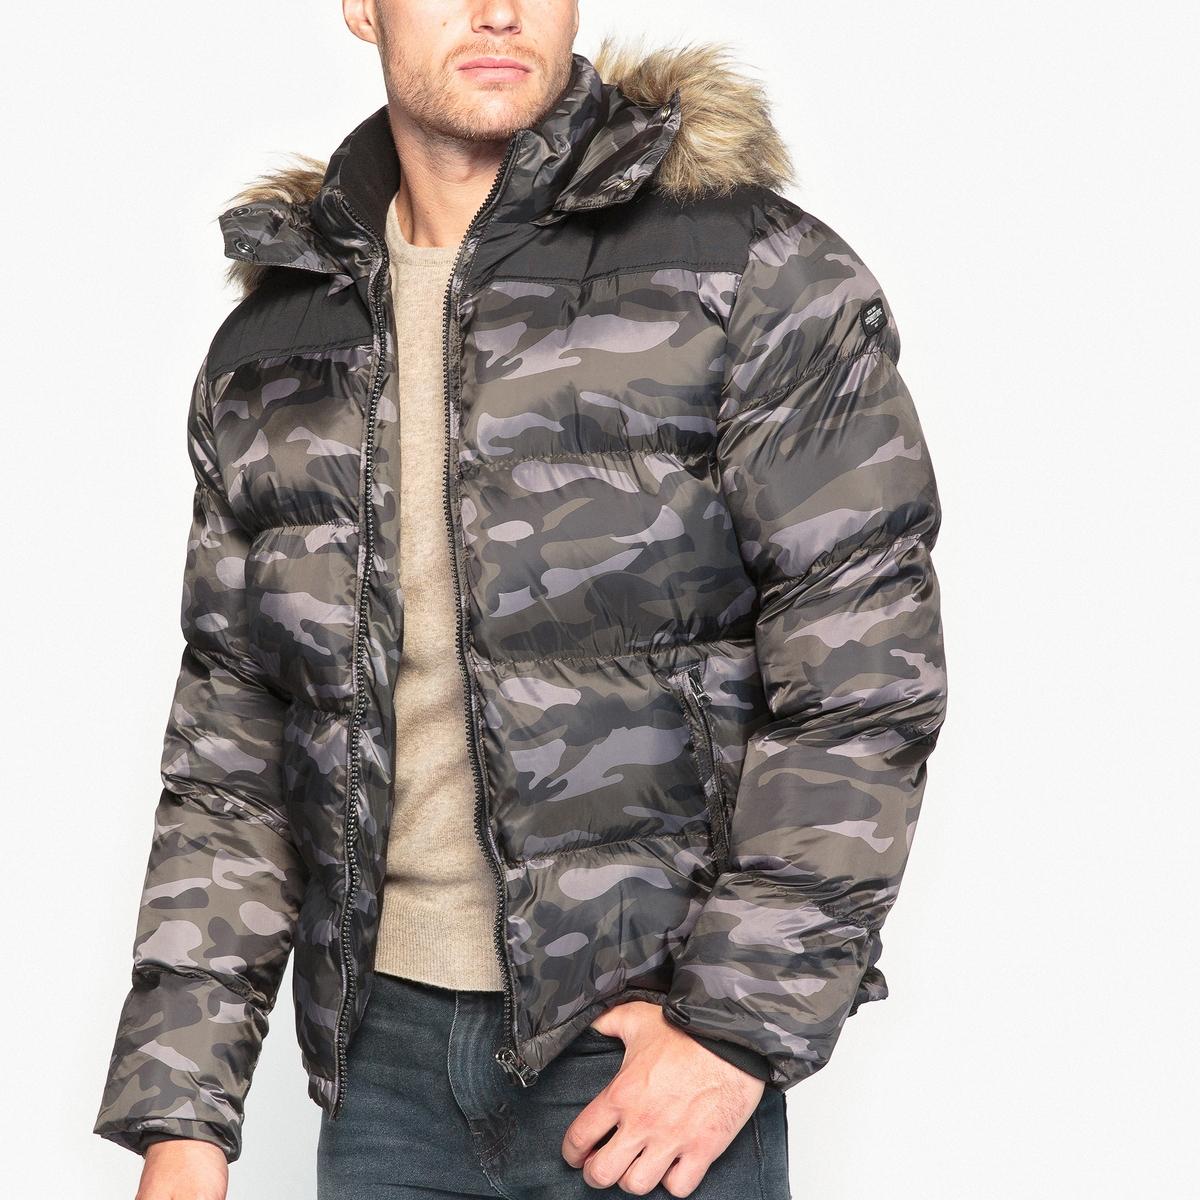 Куртка средней длины с капюшономДетали  •  Длина  : средняя  •  Капюшон  •  Застежка на молнию  •  С капюшоном Состав и уход  •  100% полиамид  •  Следуйте советам по уходу, указанным на этикетке<br><br>Цвет: камуфляж<br>Размер: XL